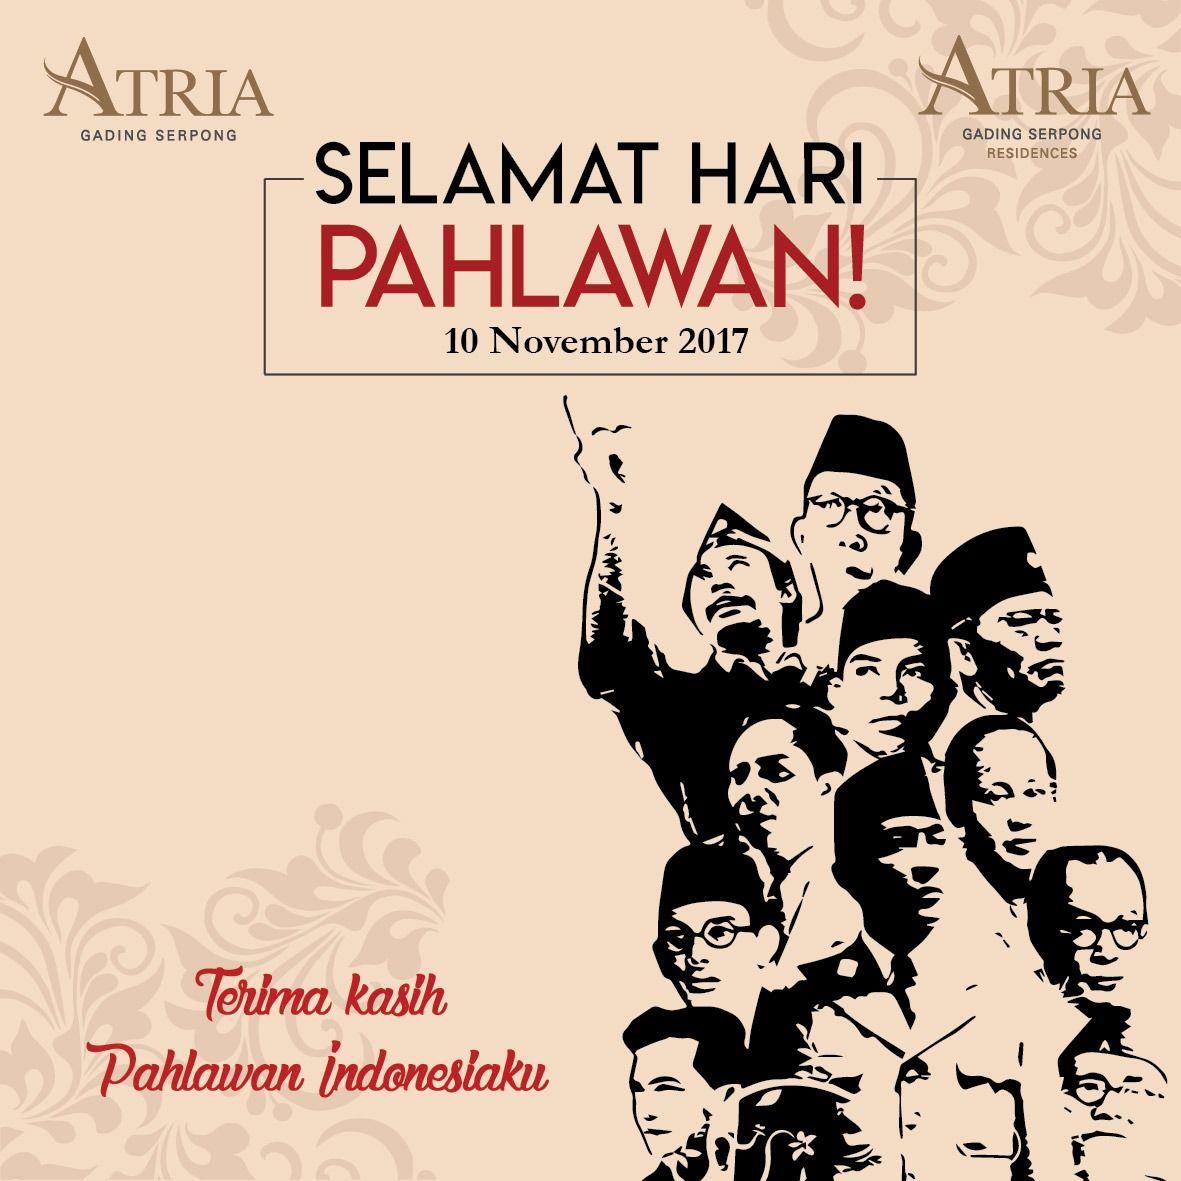 Gambar Tokoh Pahlawan Yang Mempertahankan Kemerdekaan Indonesia